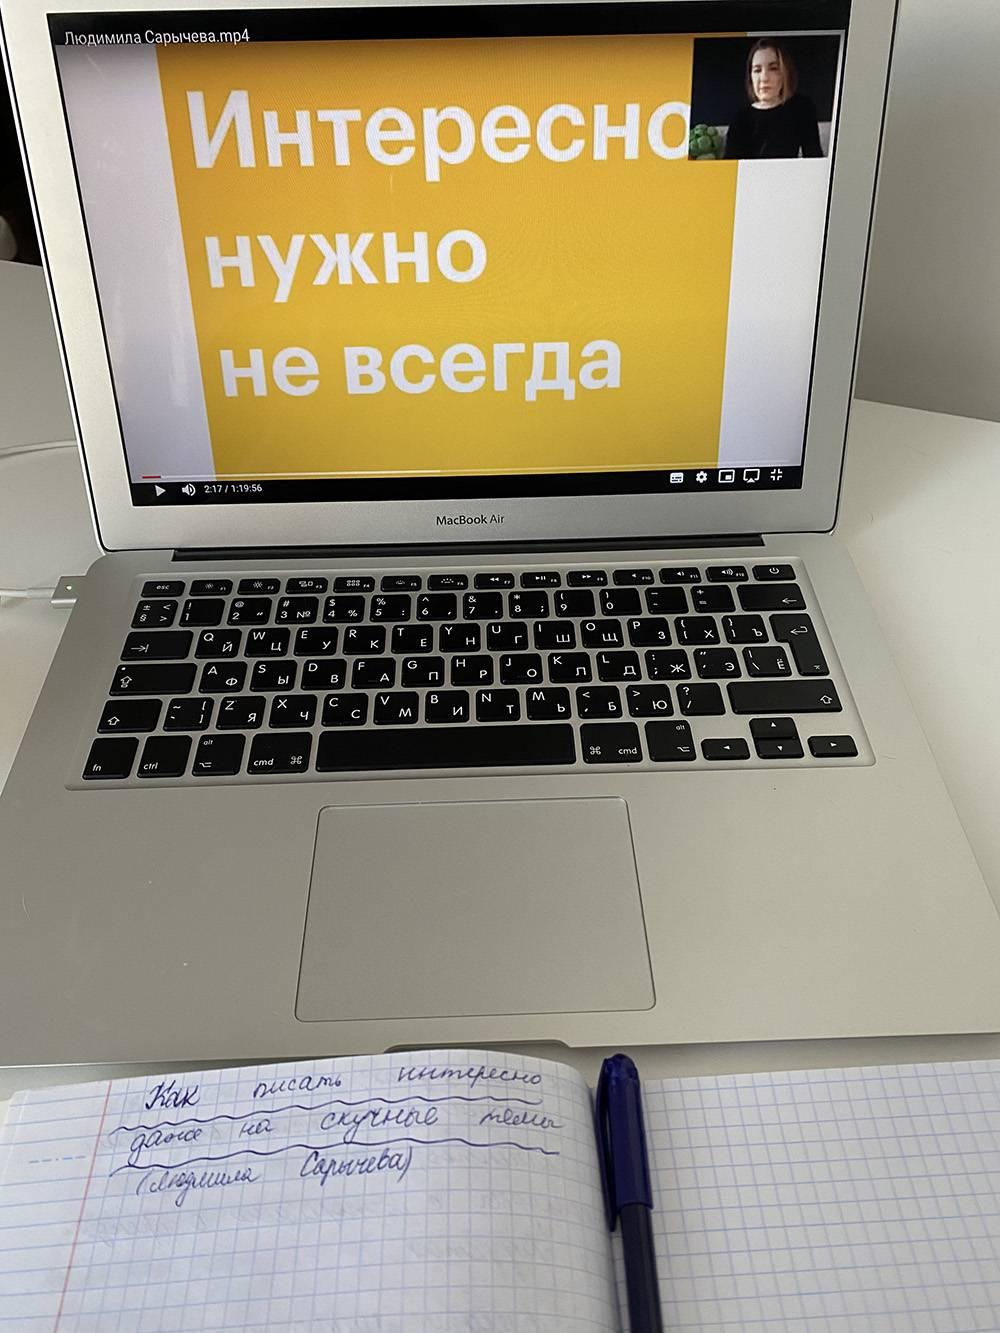 Онлайн-конференция о современных трендах в написании текстов